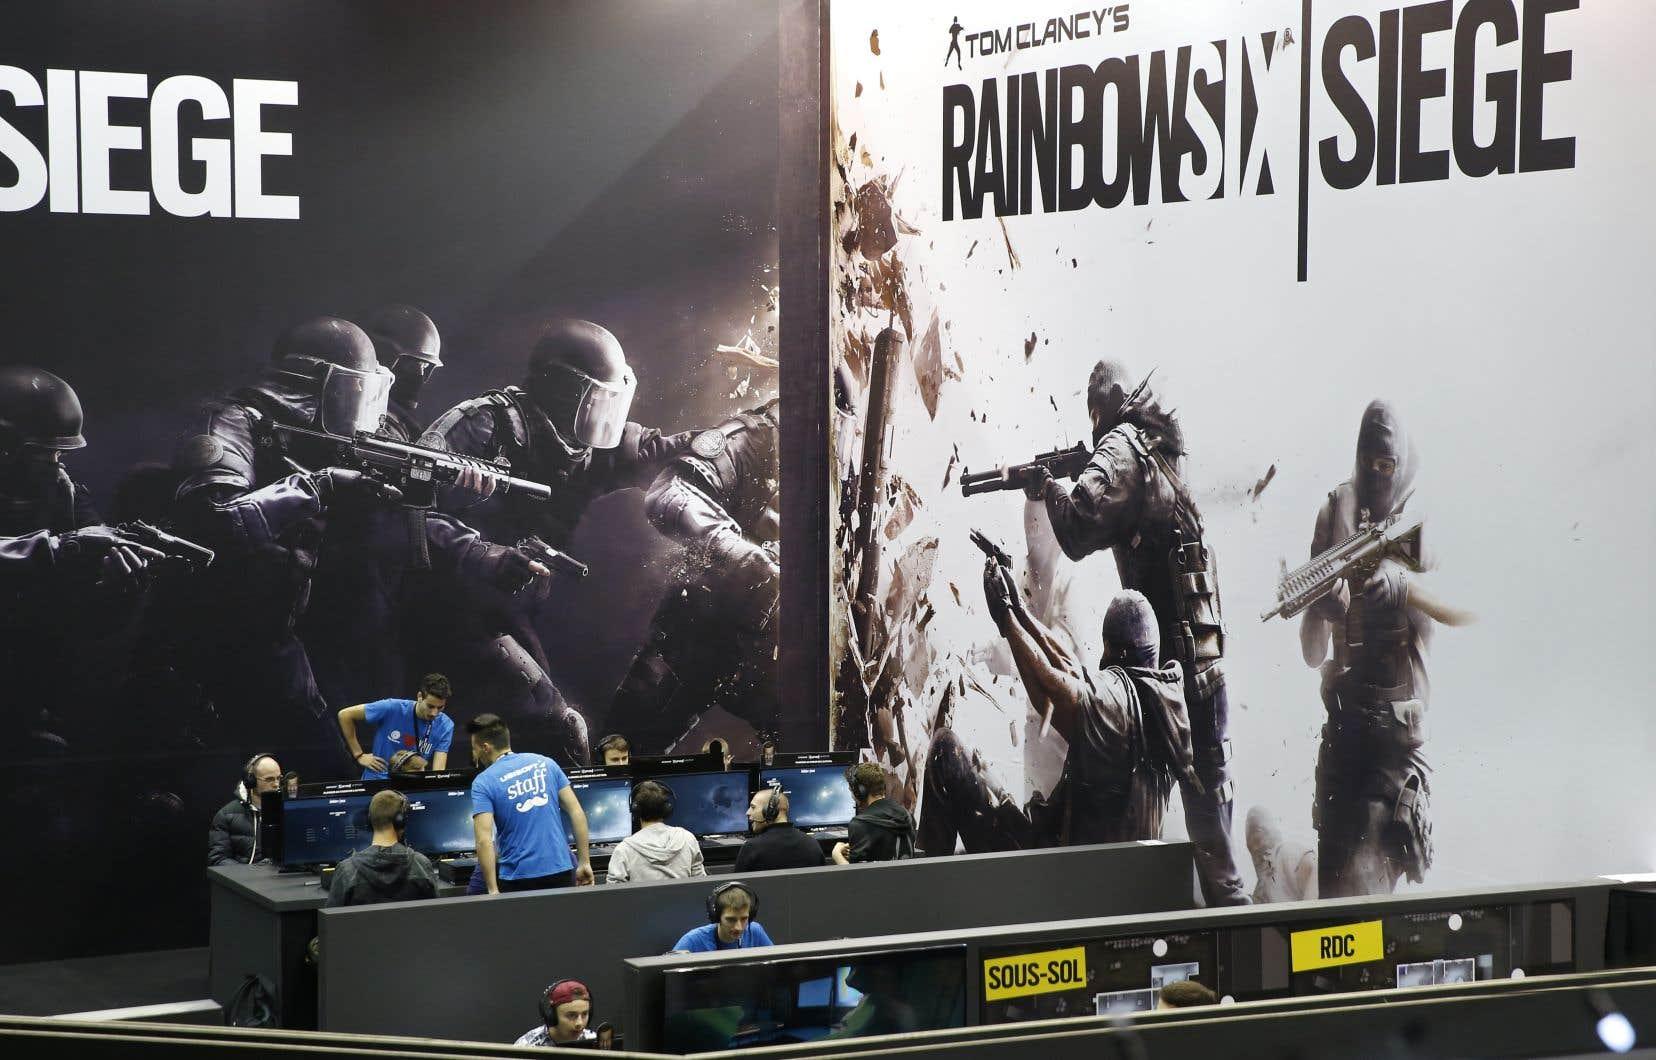 Ubisoft considère que le jeu <em>Area F2</em>est un clone de <em>Tom Clancy's Rainbow Six: Siege</em>, un célèbre jeu de tir (FPS) disponible depuis 2015 sur consoles et PC mais qui n'existe pas en version mobile.